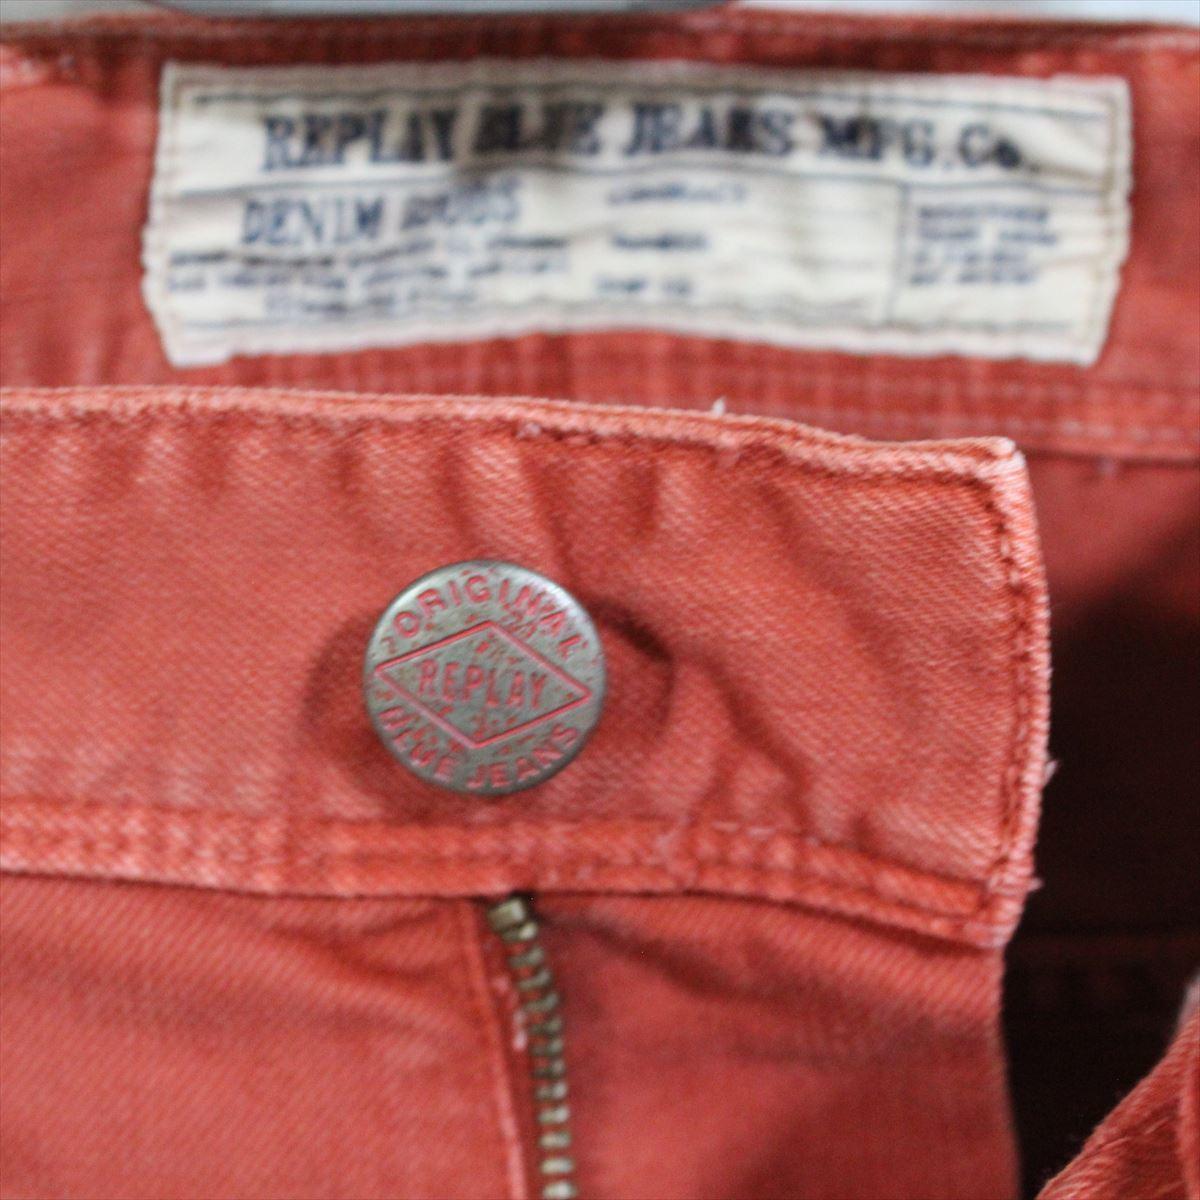 リプレイ REPLAY メンズカラーパンツ ジーンズ デニムパンツ SLIM レンガ色 28インチ 新品 REPLAY BLUE JEANS anbass slim jeans_画像3